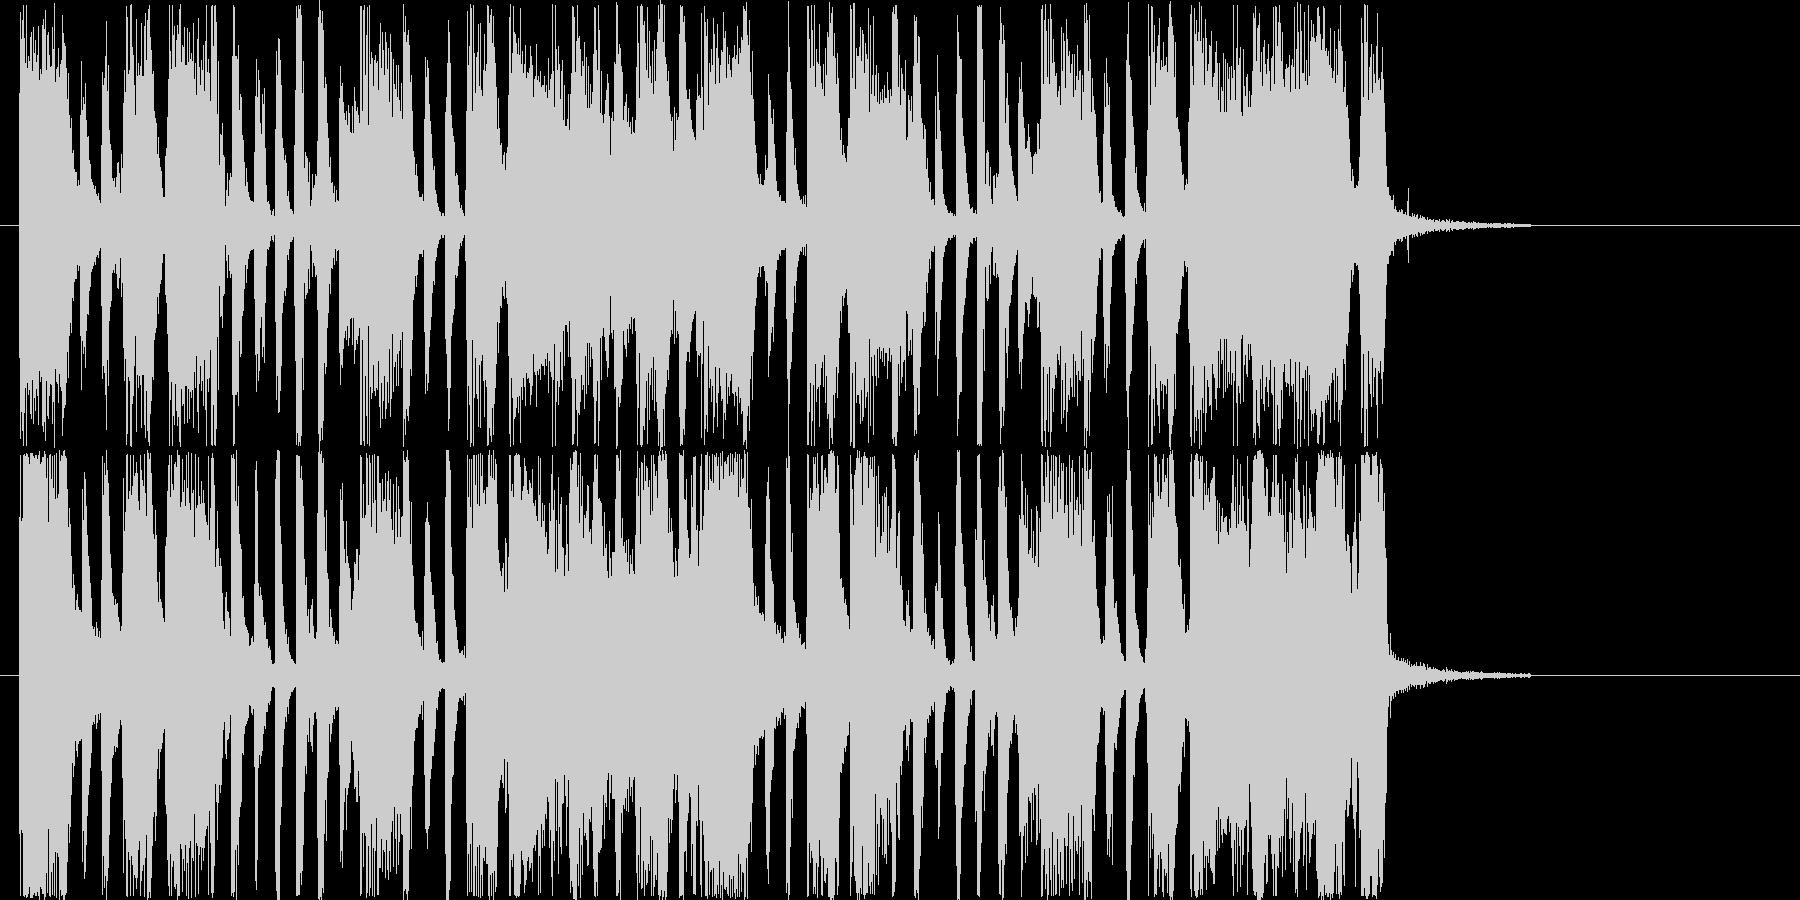 リズム感のあるロックなギターサウンドの未再生の波形